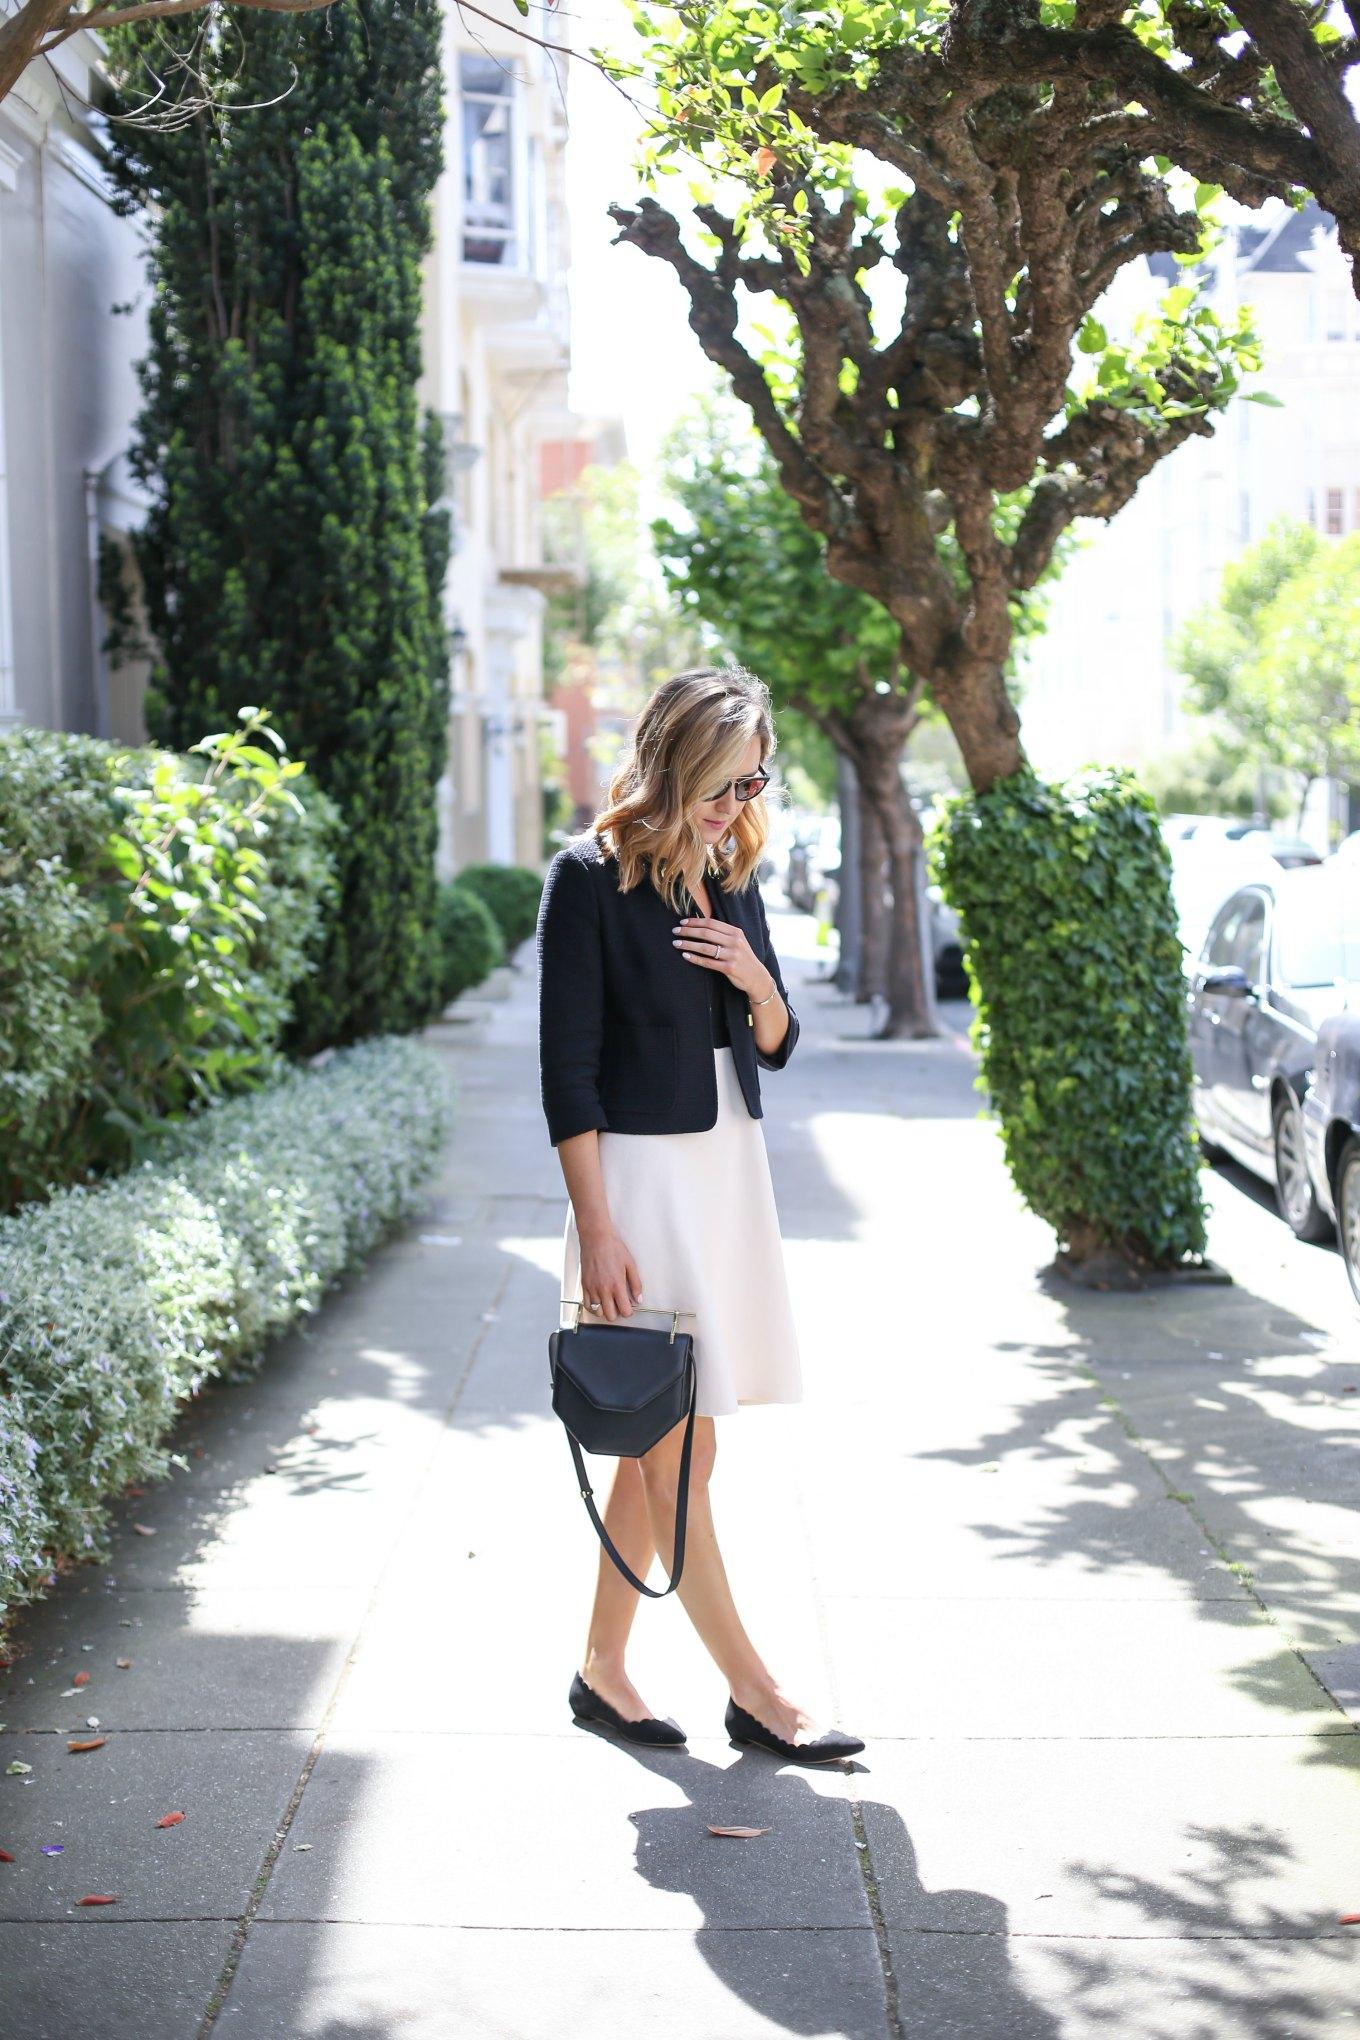 镇-Knit-Flare-Criading-Black-White-Short-Sleeve-Work-Office-Sique-Fashion-Blog-San-Francisco-SF-Classic-Professional1